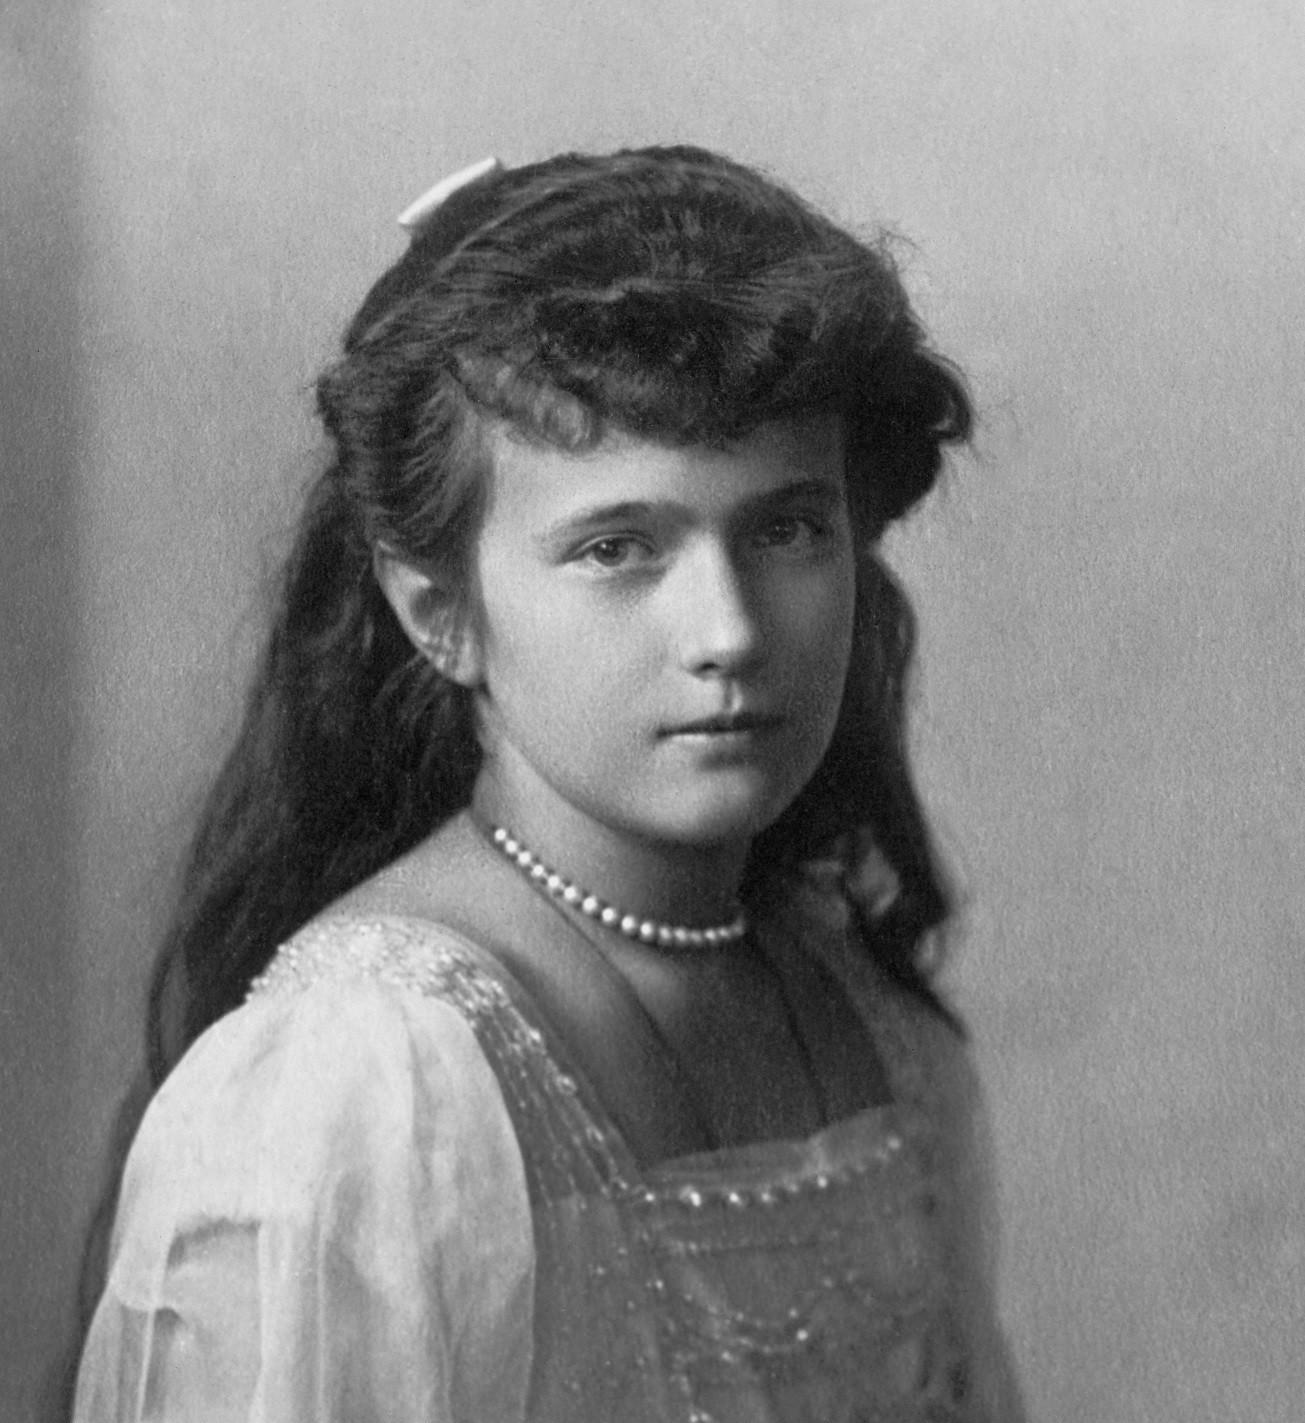 Anastasía, hija del último zar de Rusia, Nicolás II. Fuente: Biblioteca del Congreso